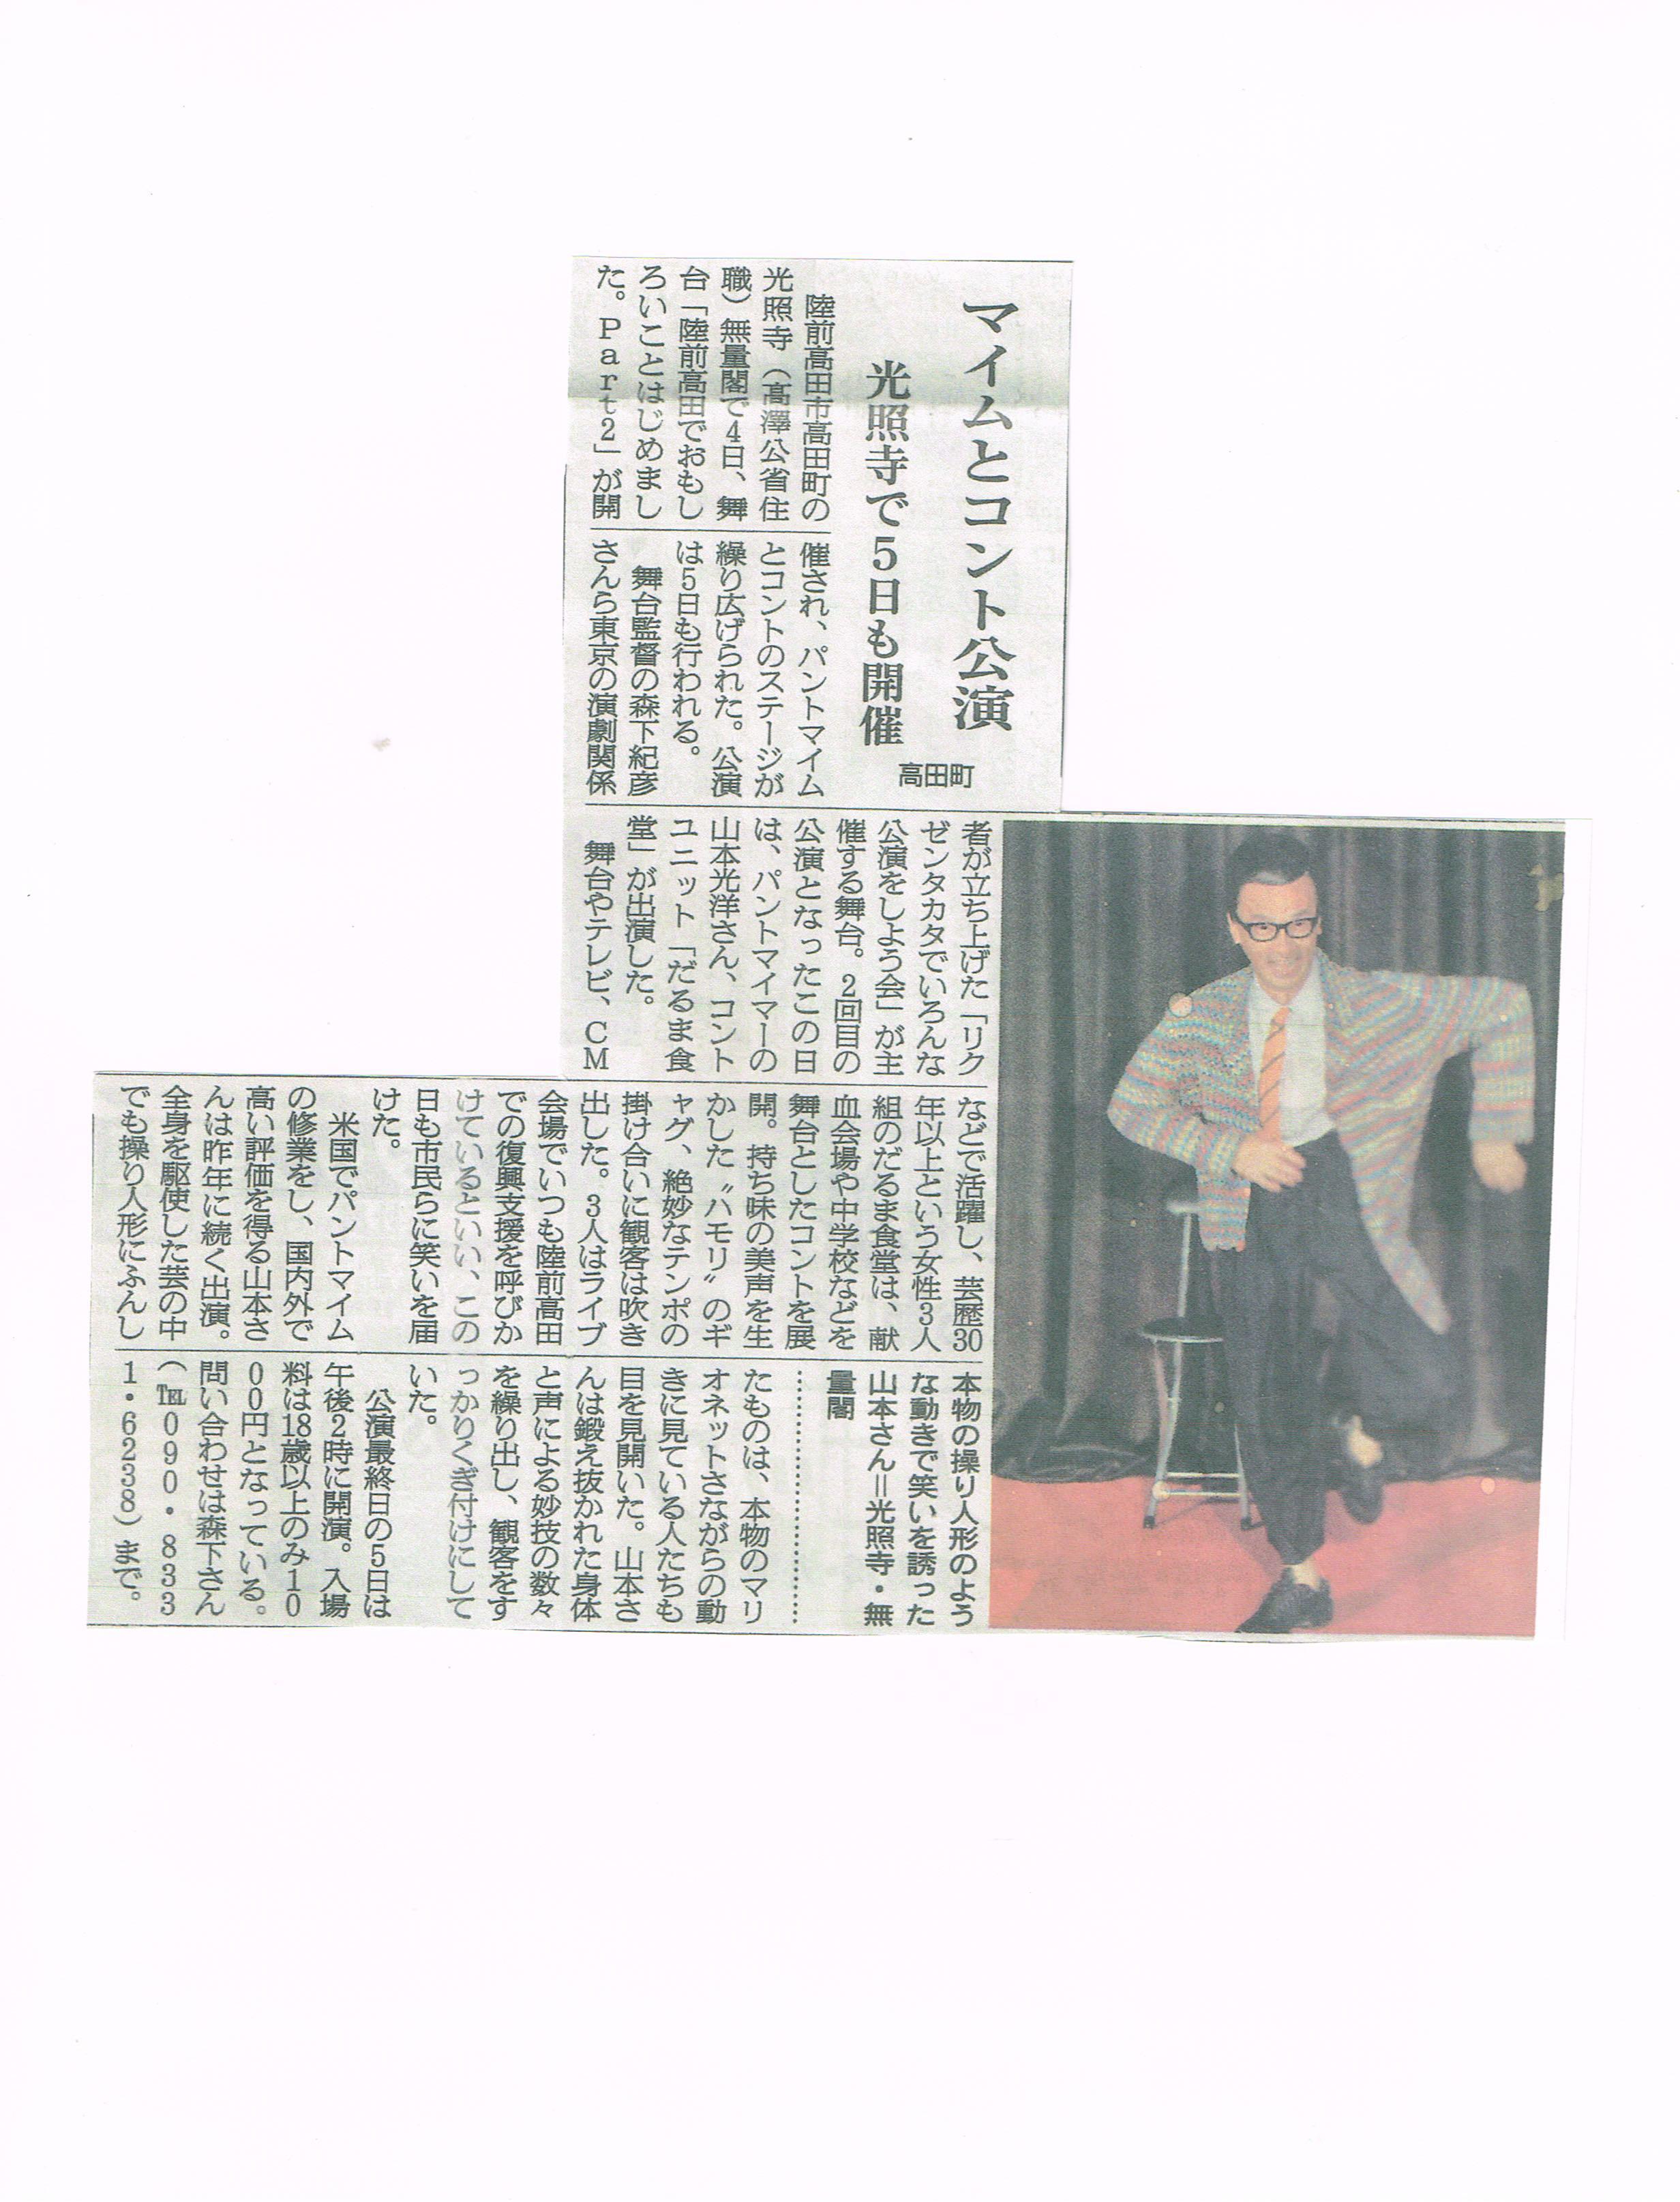 陸前高田市地元紙掲載